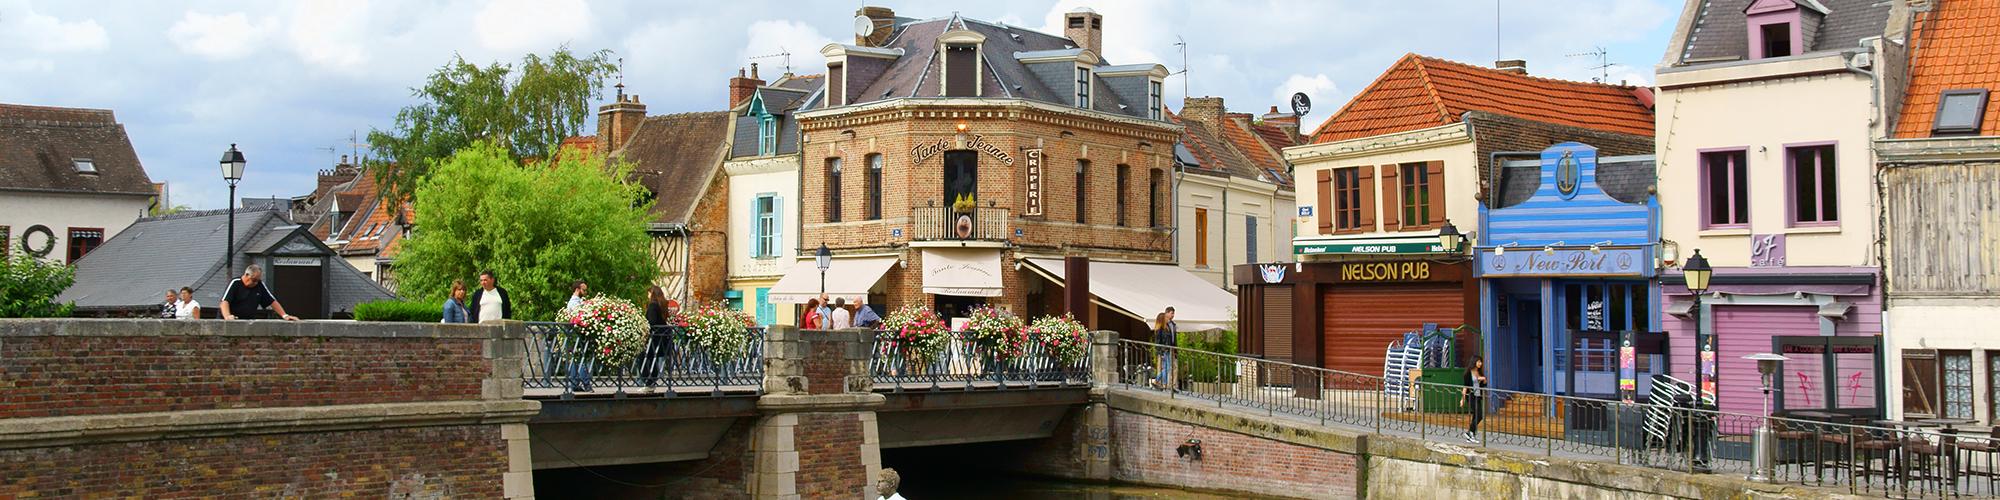 Amiens Energy Summit #2 Optimisation des données pour une ville autonome